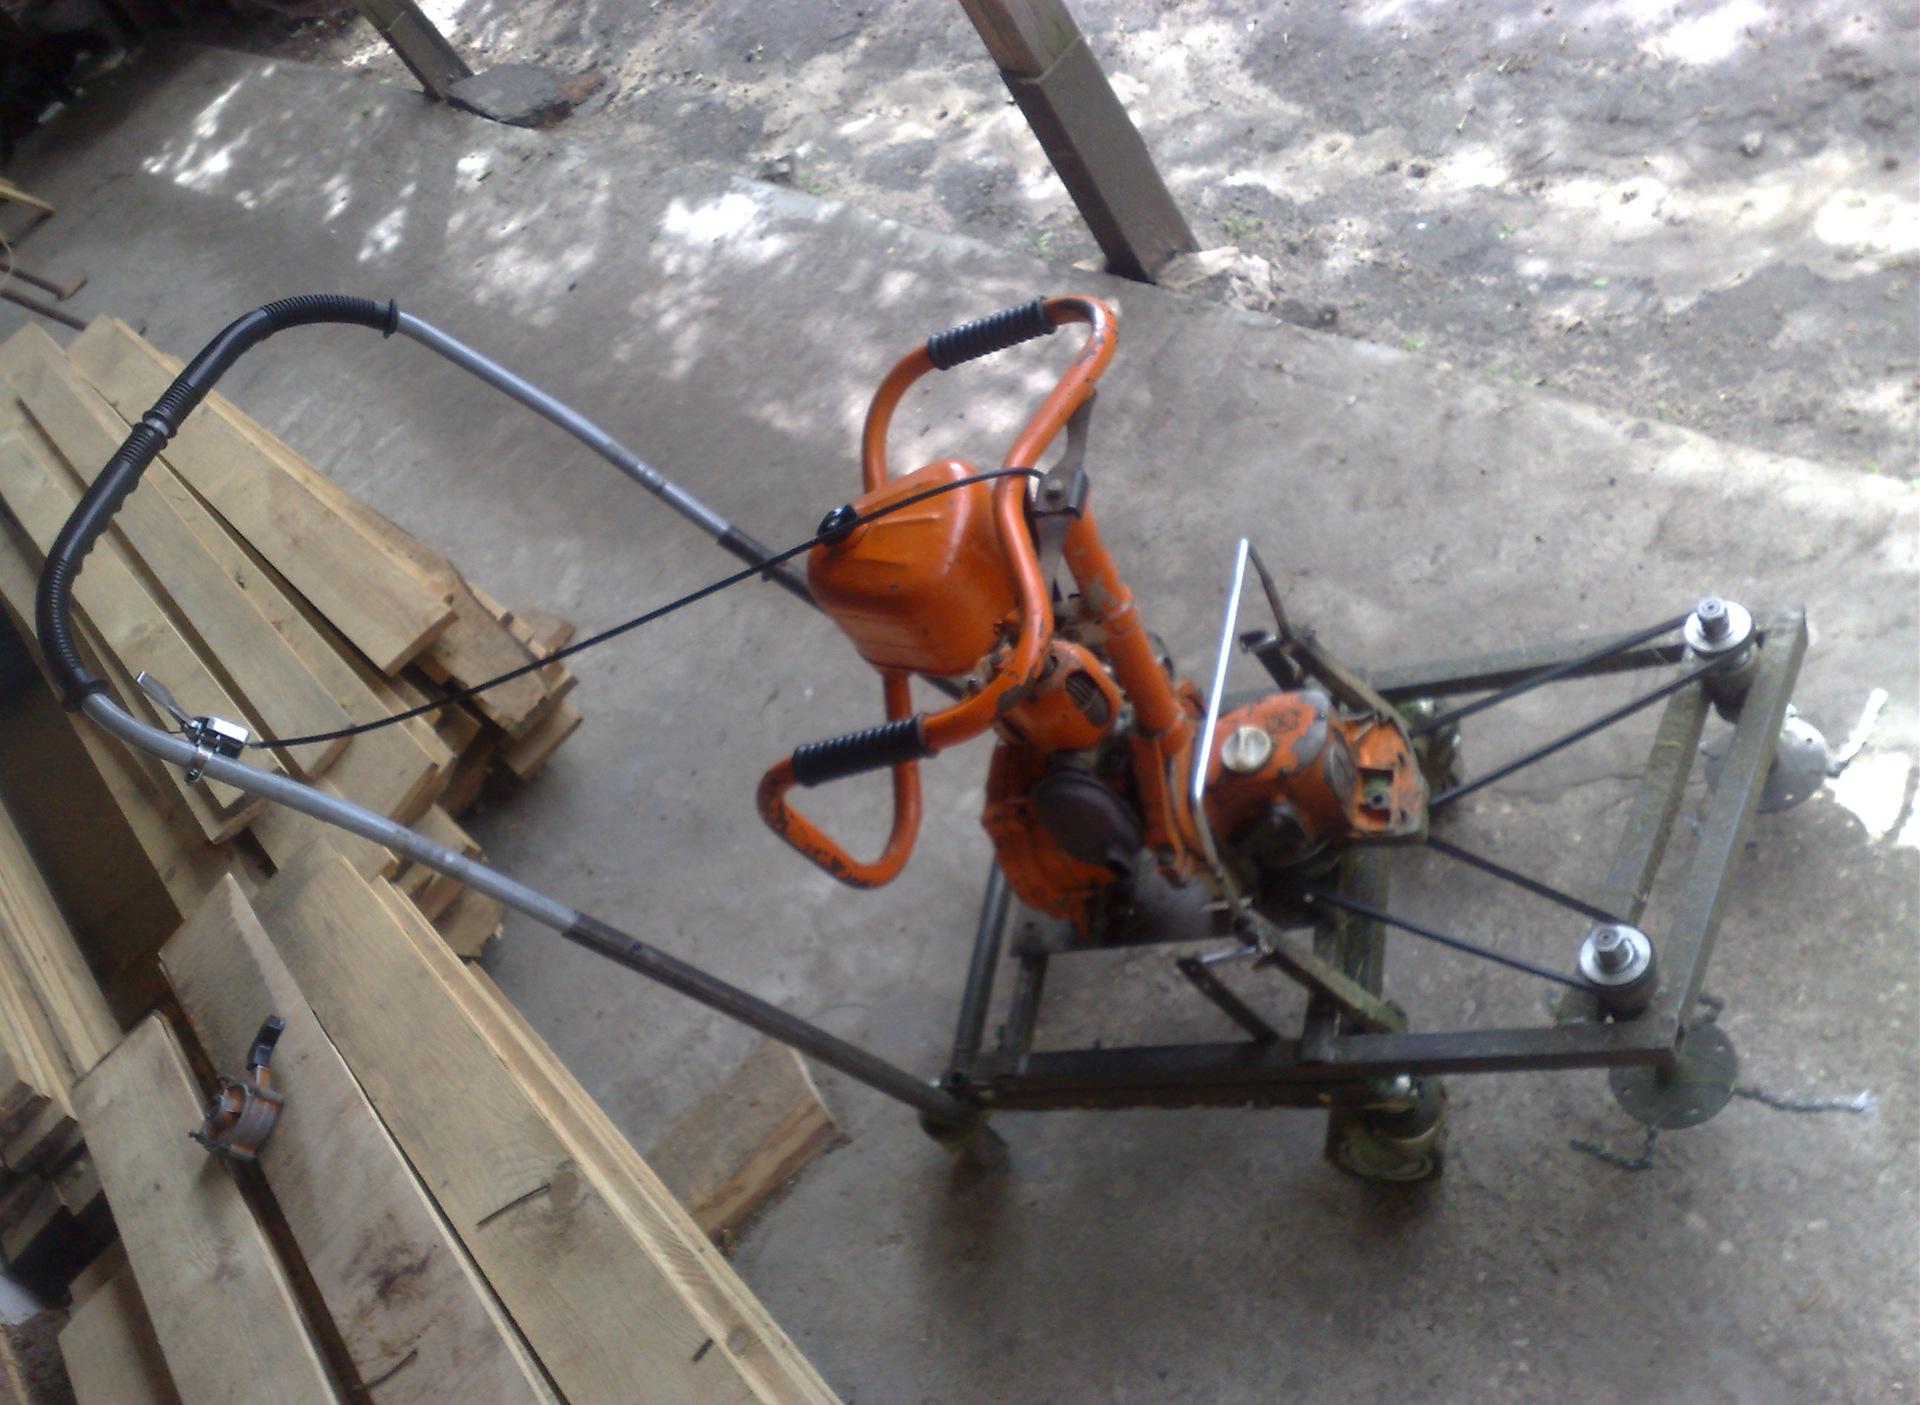 Самоделки из бензопилы: что можно сделать, генератор, лебедка, бур, культиватор, компрессор, косилка, циркулярка, машина, самокат, вертолет